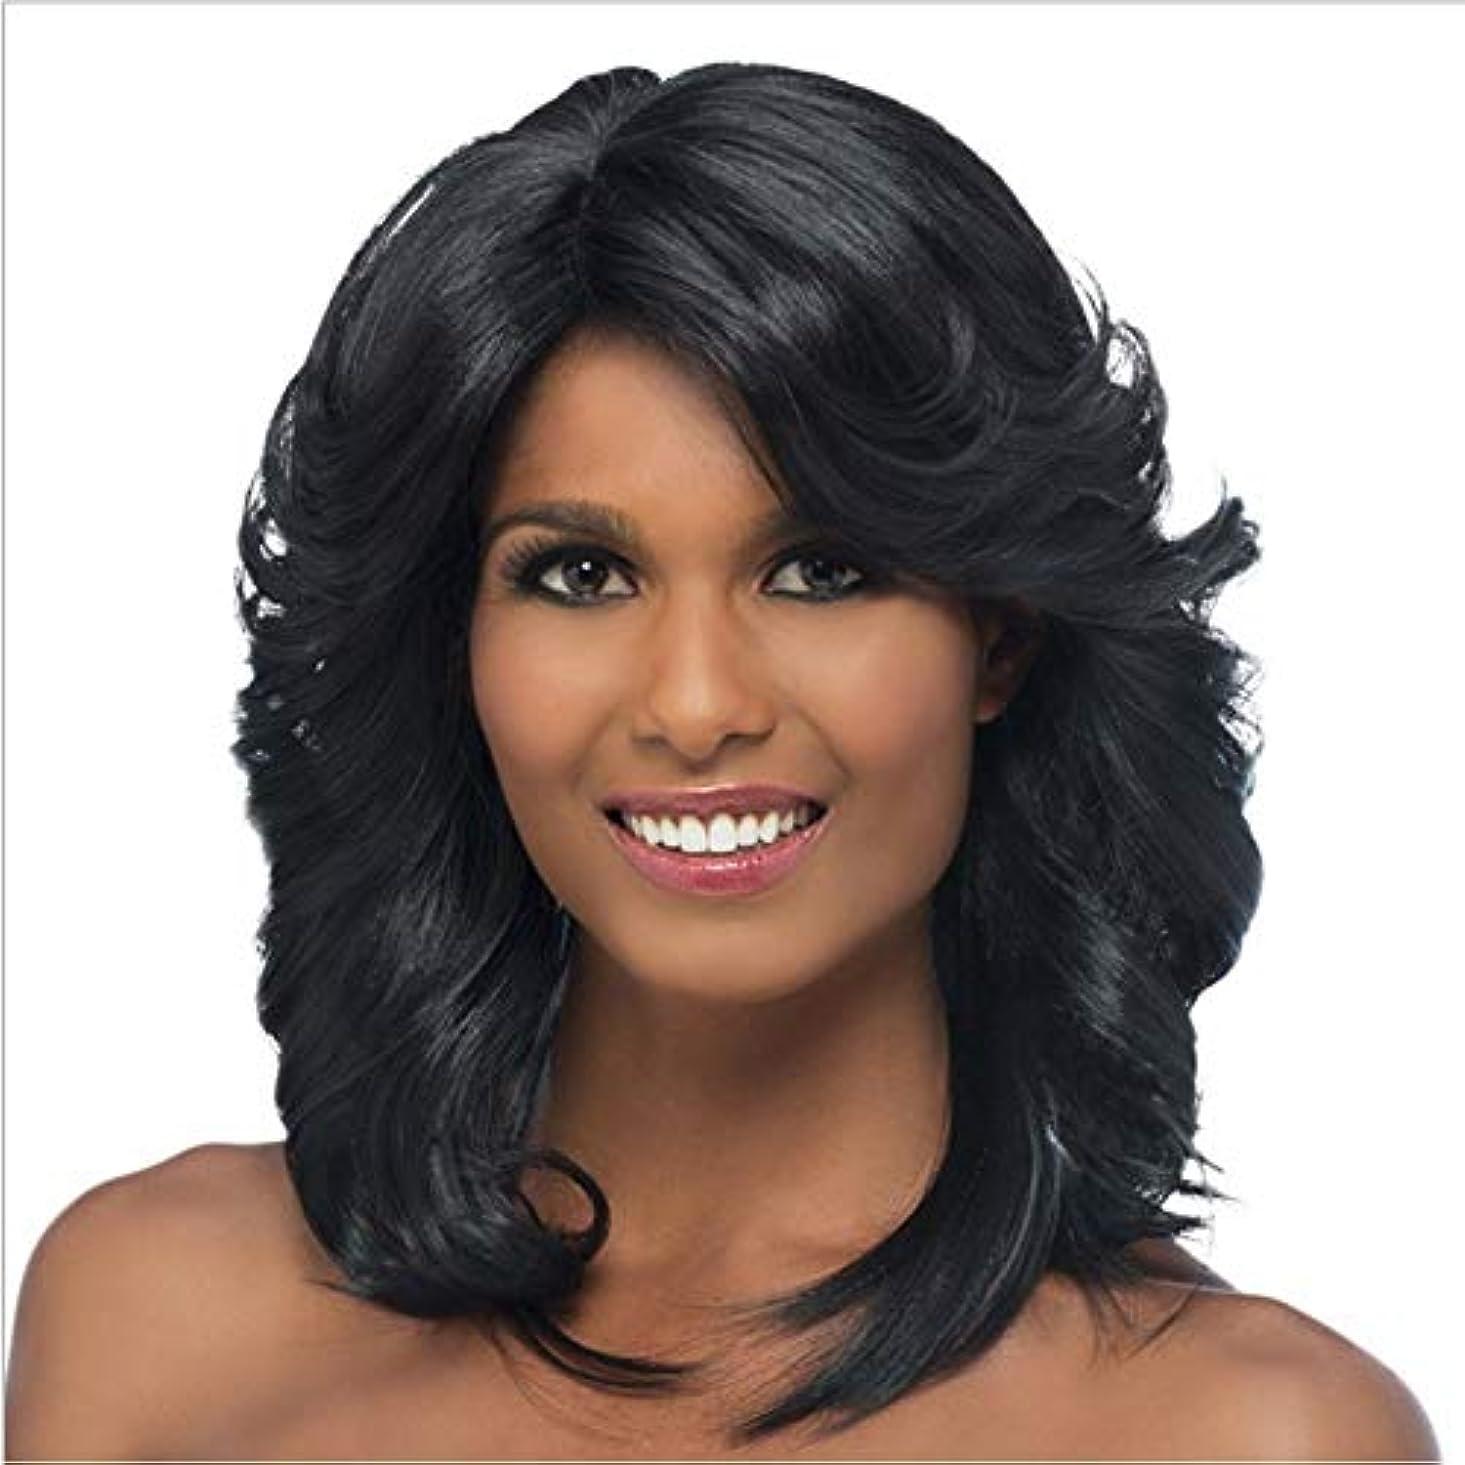 パフ気怠いパフYOUQIU 女性の毎日のパーティーウィッグのための合成髪ブラックカーリーヘアショルダー長ウィッグ (色 : 黒)